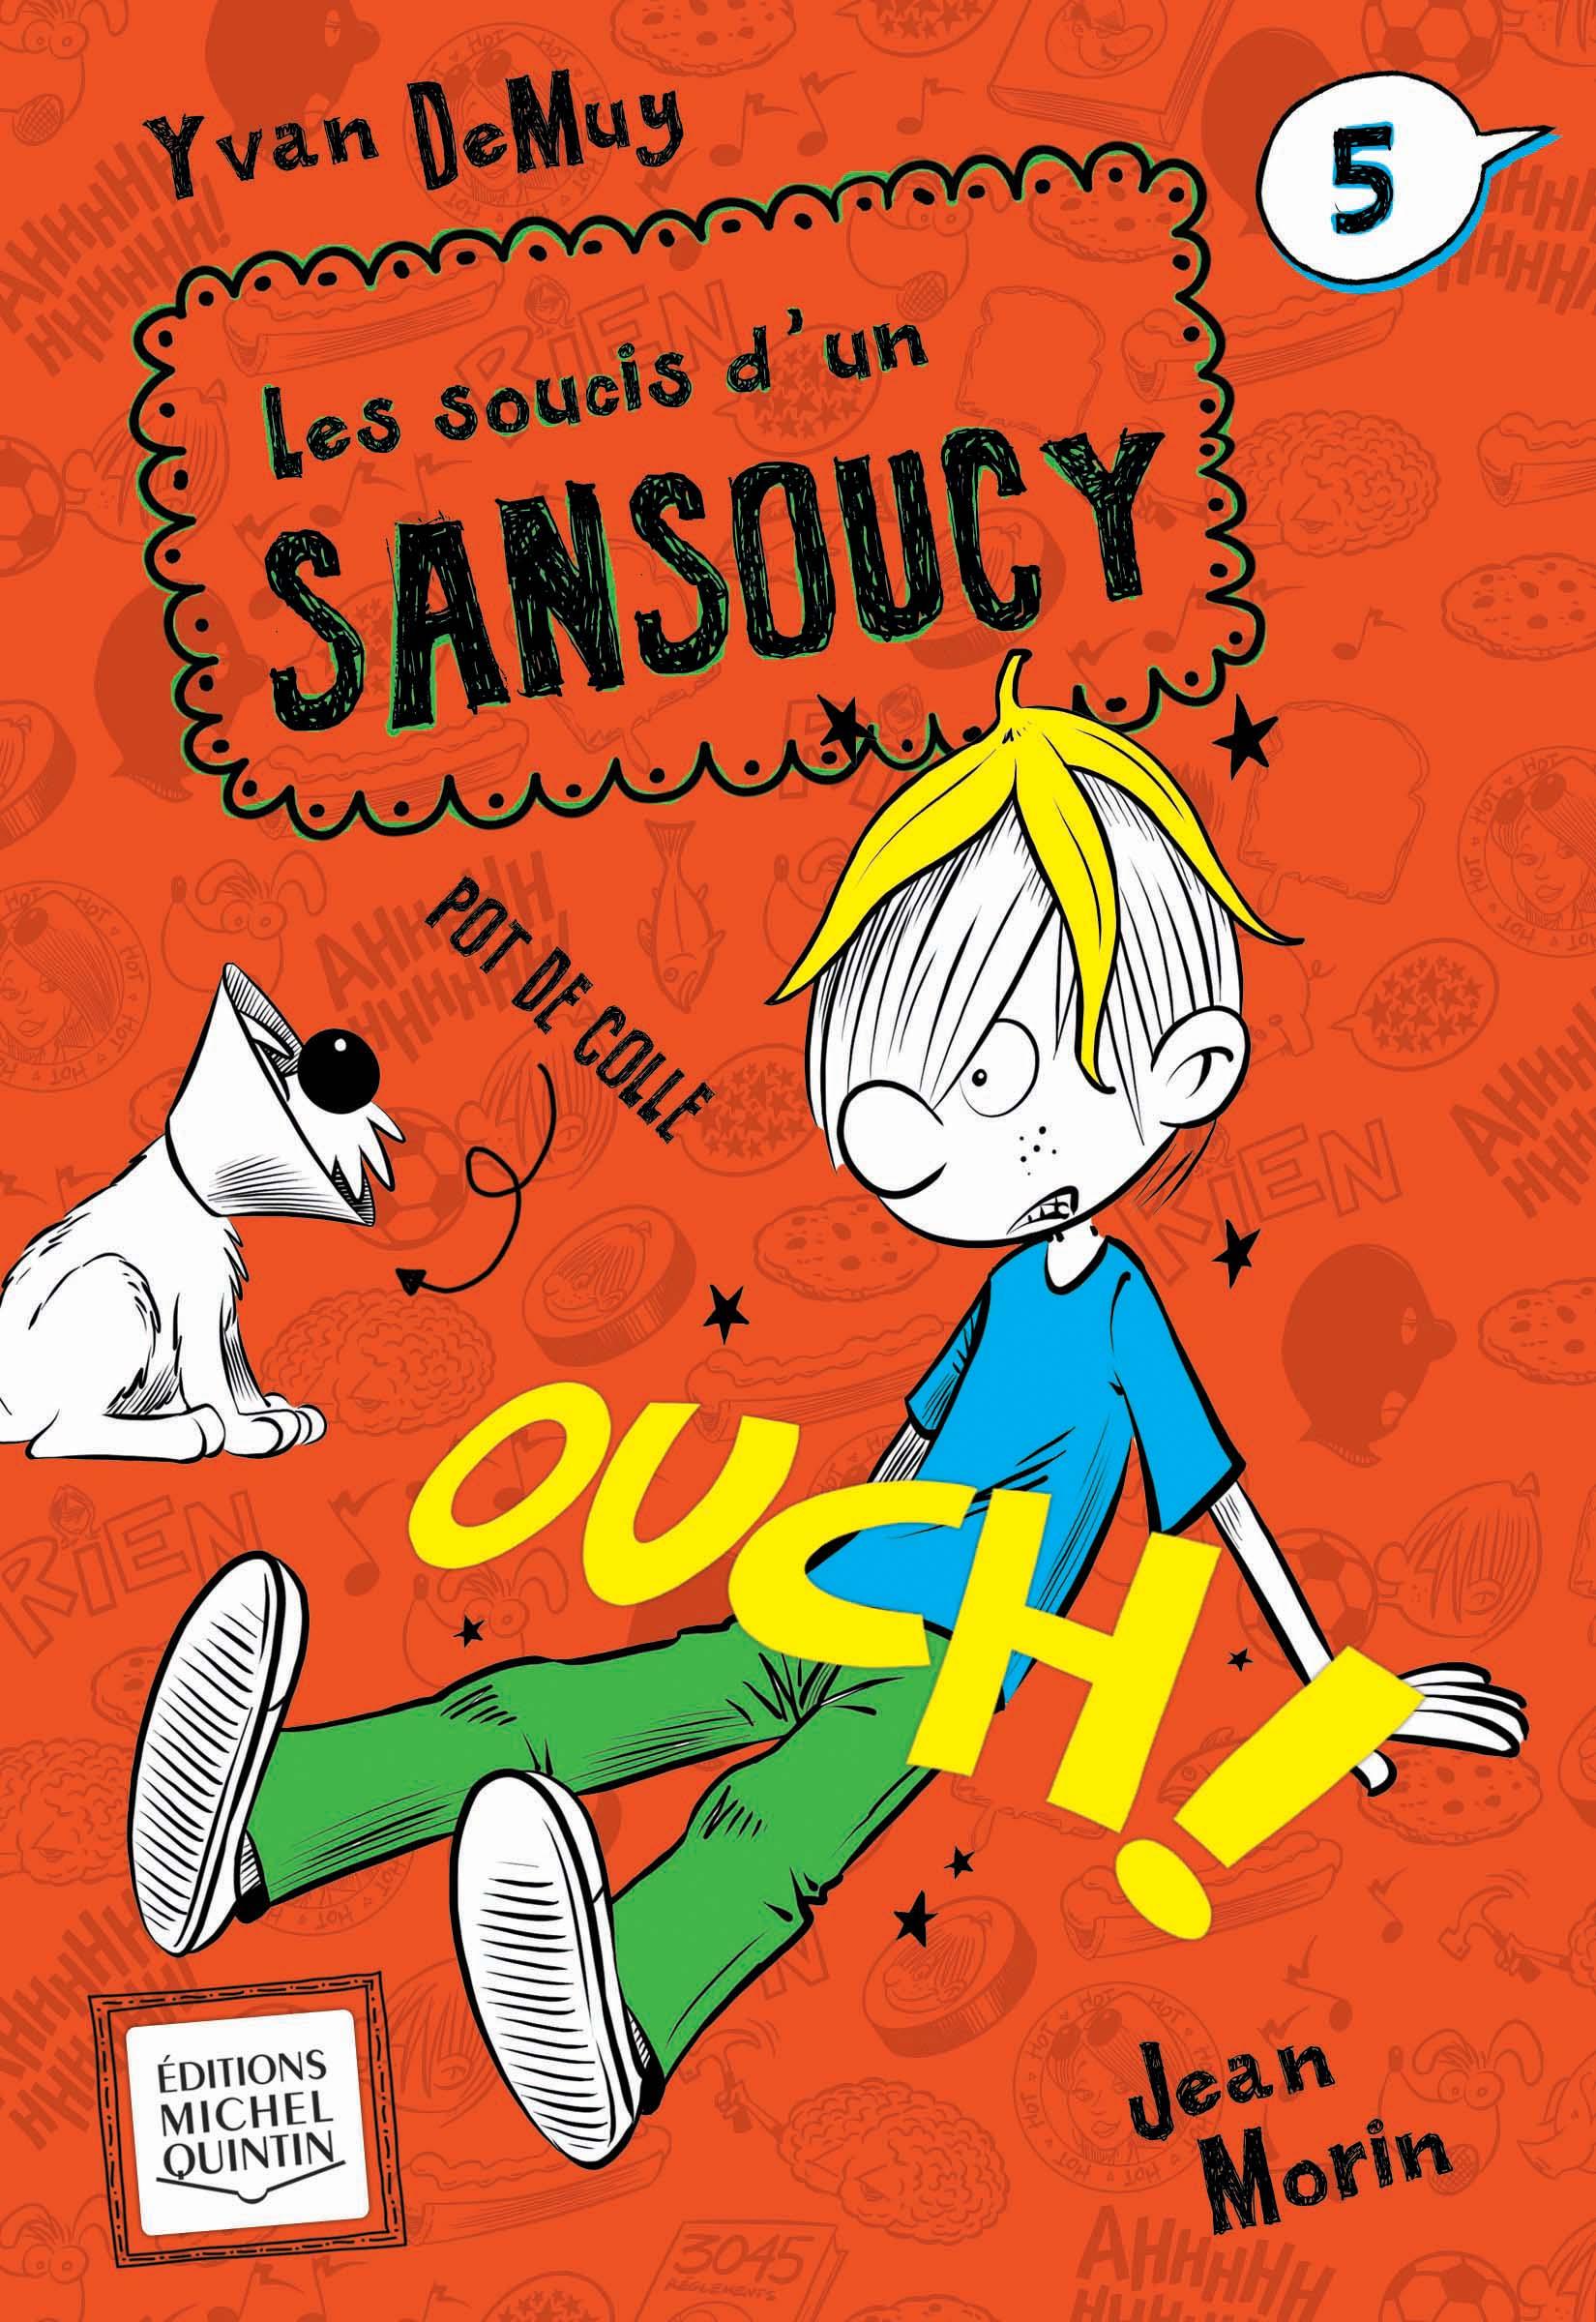 Les soucis d'un Sansoucy 5 - Ouch!